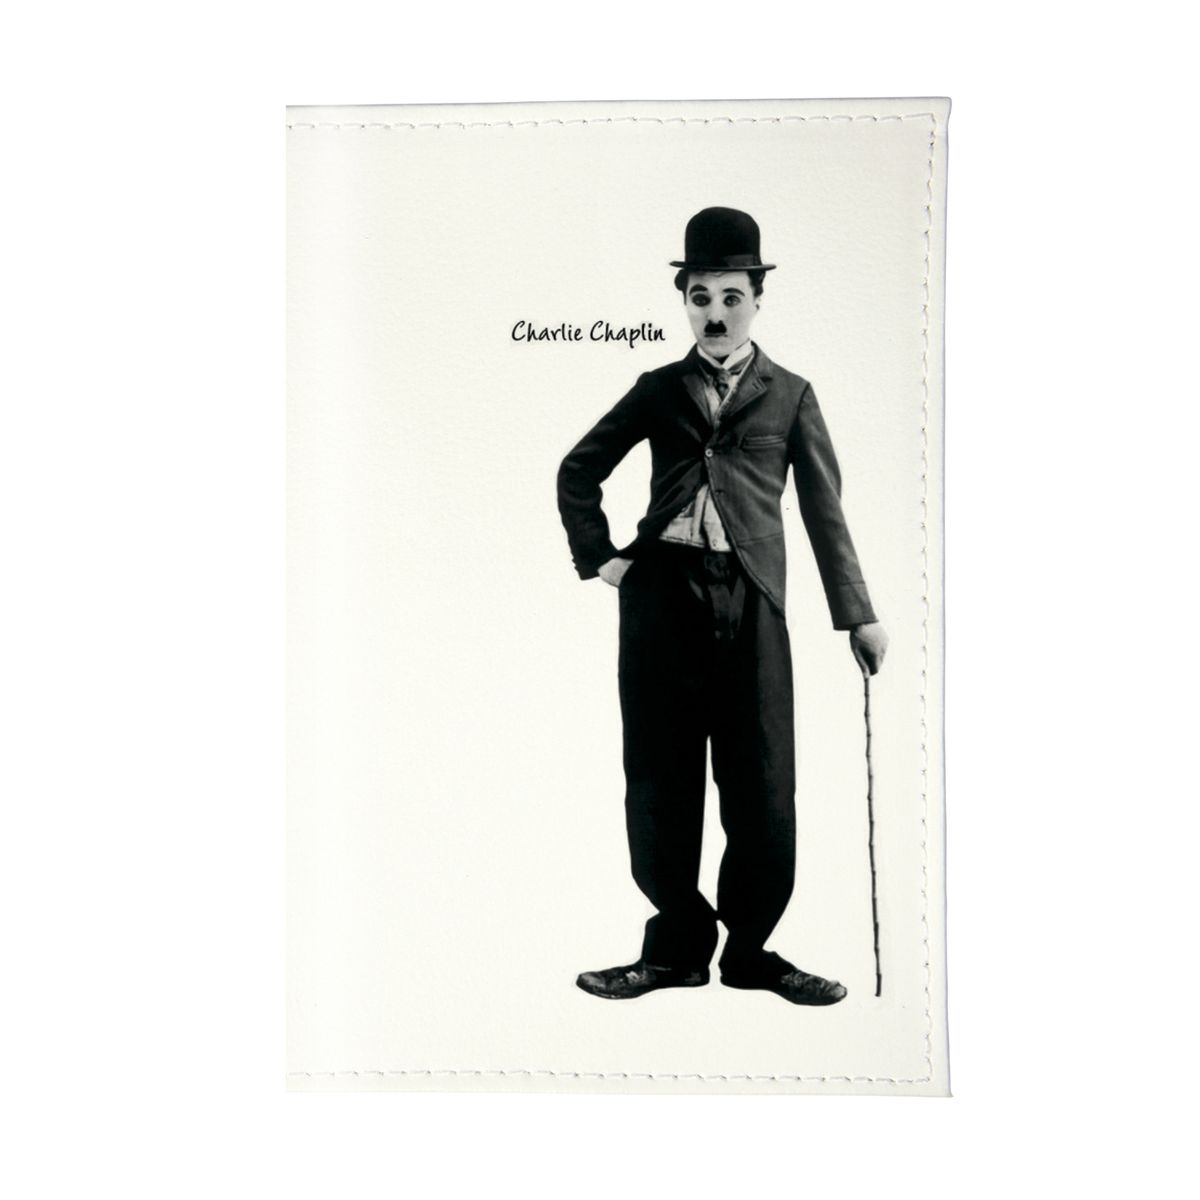 Обложка для паспорта Чарли Чаплин. OZAM075OZAM032Стильная обложка для автодокументов Mitya Veselkov не только поможет сохранить внешний вид ваших документов и защитить их от повреждений, но и станет стильным аксессуаром, идеально подходящим вашему образу.Она выполнена из ПВХ, внутри имеет съемный вкладыш, состоящий из шести файлов для документов, один из которых формата А5.